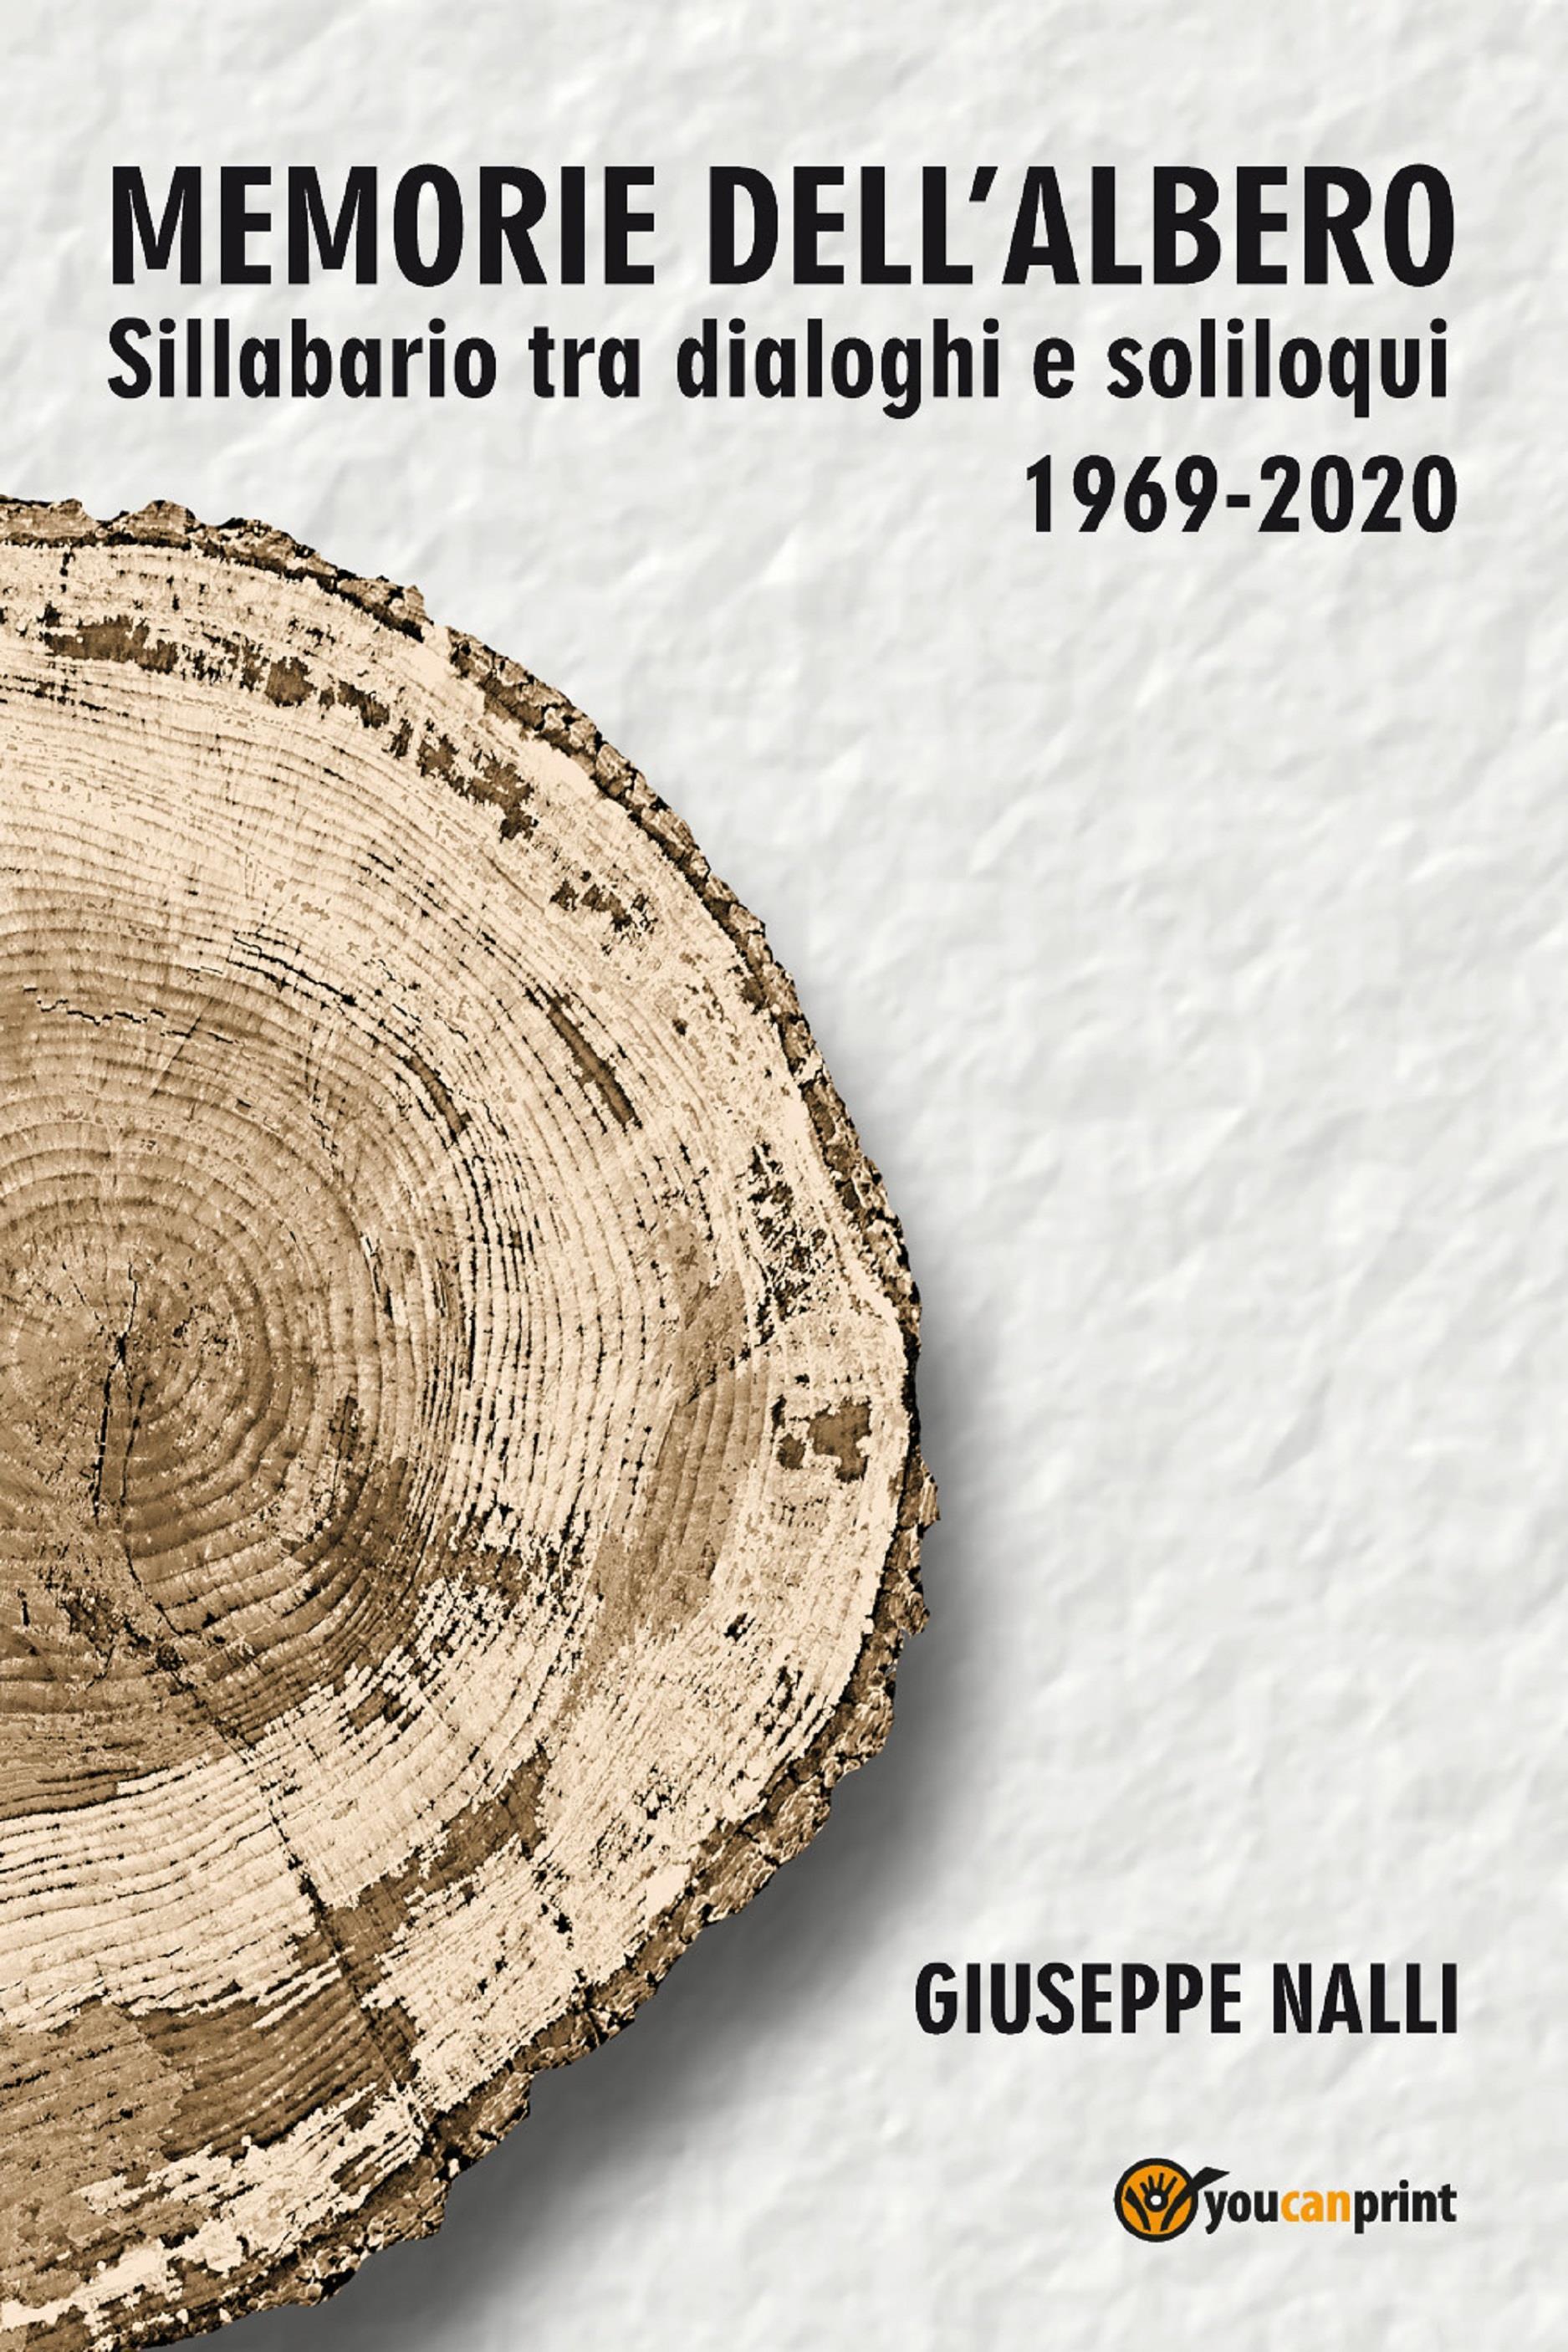 Memorie dell'albero